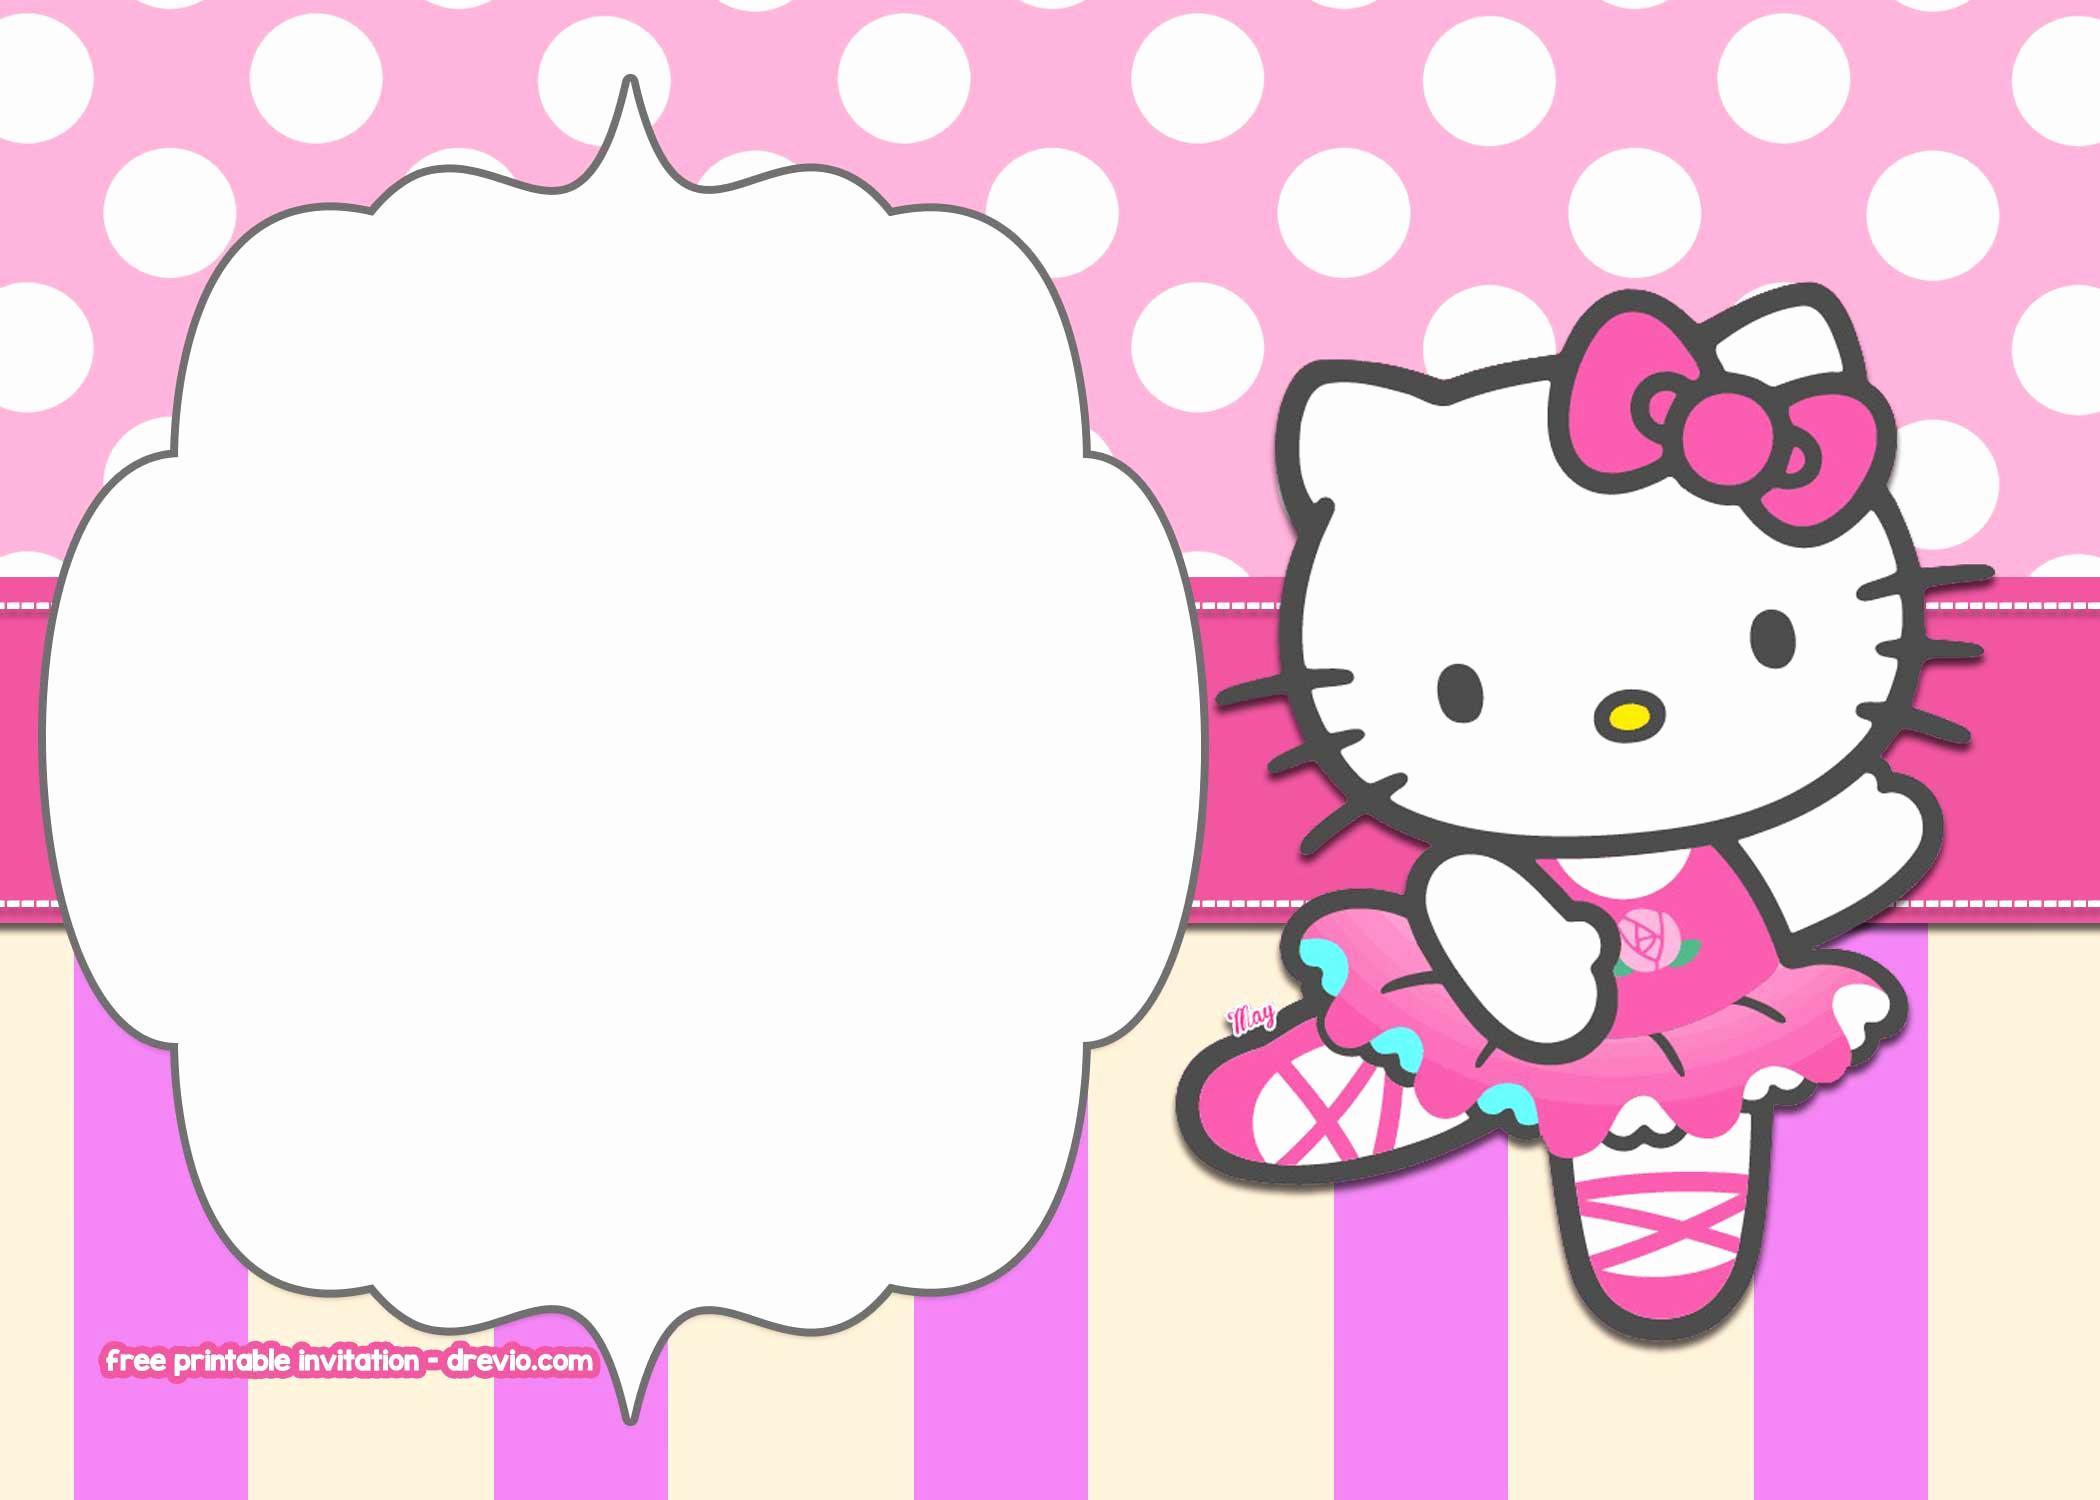 Hello Kitty Invitation Templates Lovely Free Printable Hello Kitty Pink Polka Dot Invitation